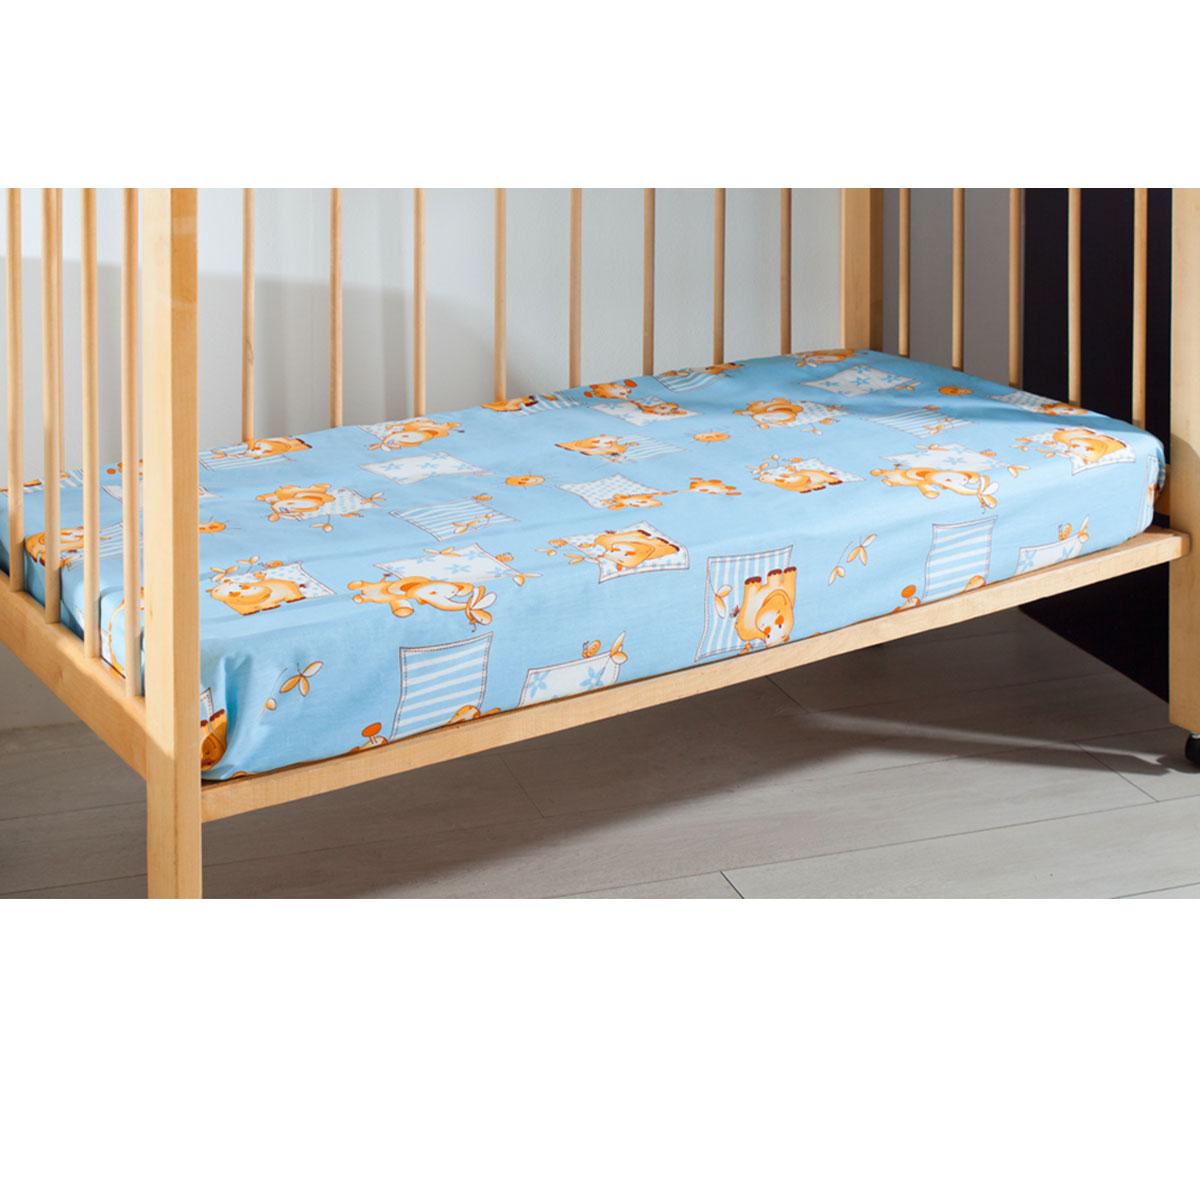 Простыня детская Primavelle, цвет: голубой, 120 см х 180 см11461210-18Мягкая простыня на резинке Primavelle идеально подойдет для кроватки вашего малыша и обеспечит ему здоровый сон. Она изготовлена из натурального 100% хлопка, дарящего малышу непревзойденную мягкость. Подарите вашему малышу комфорт и удобство!